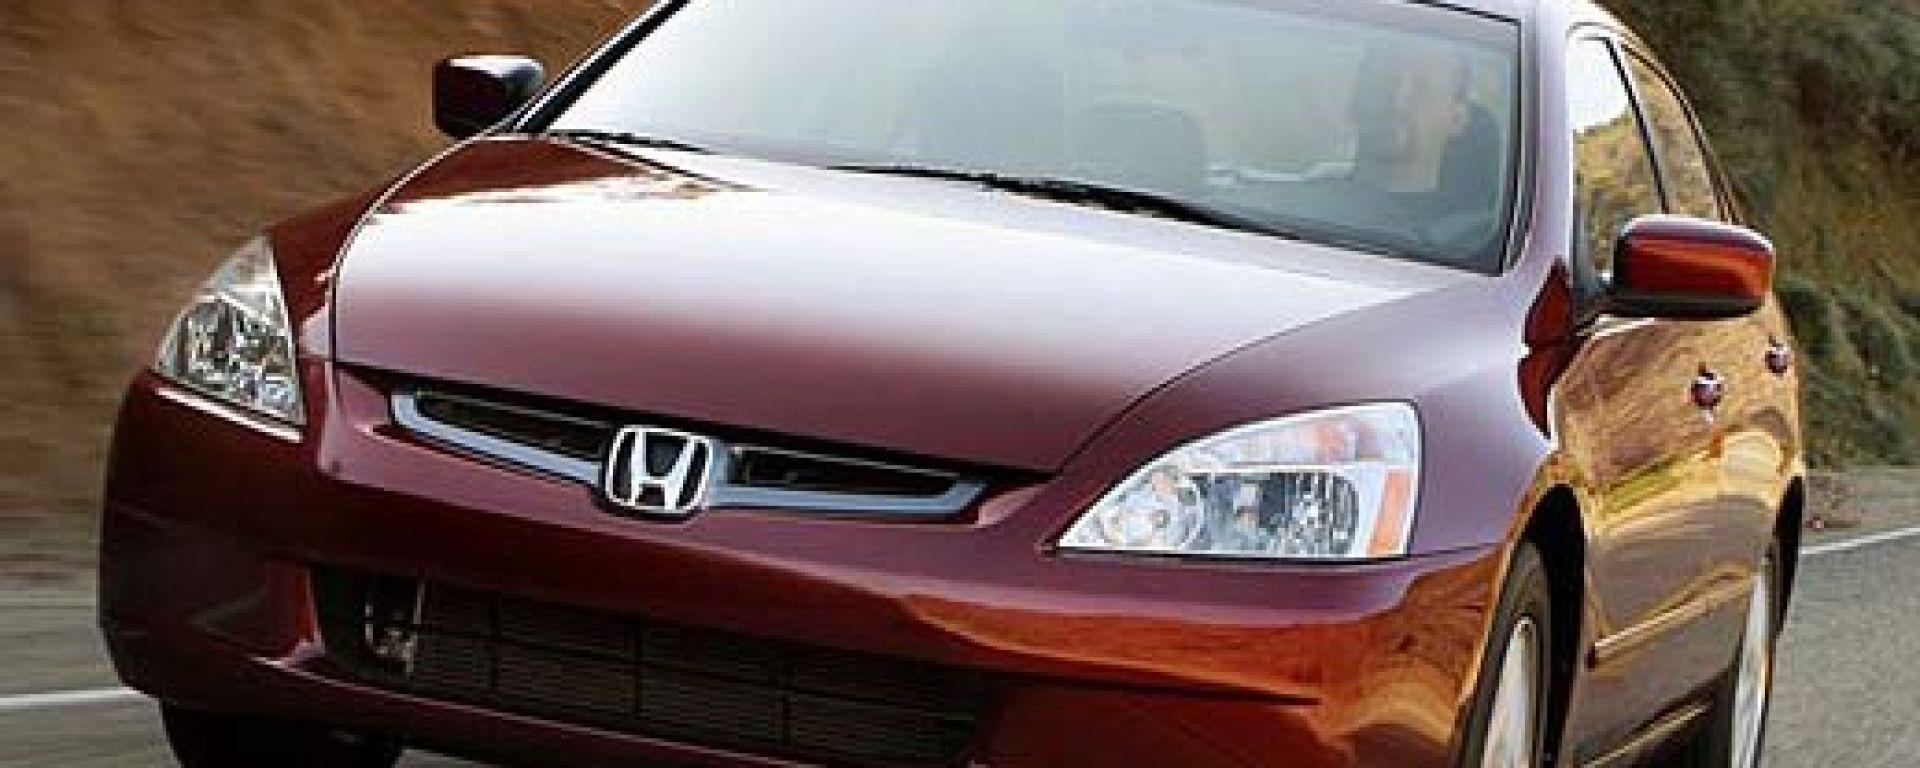 Honda Accord my 2003